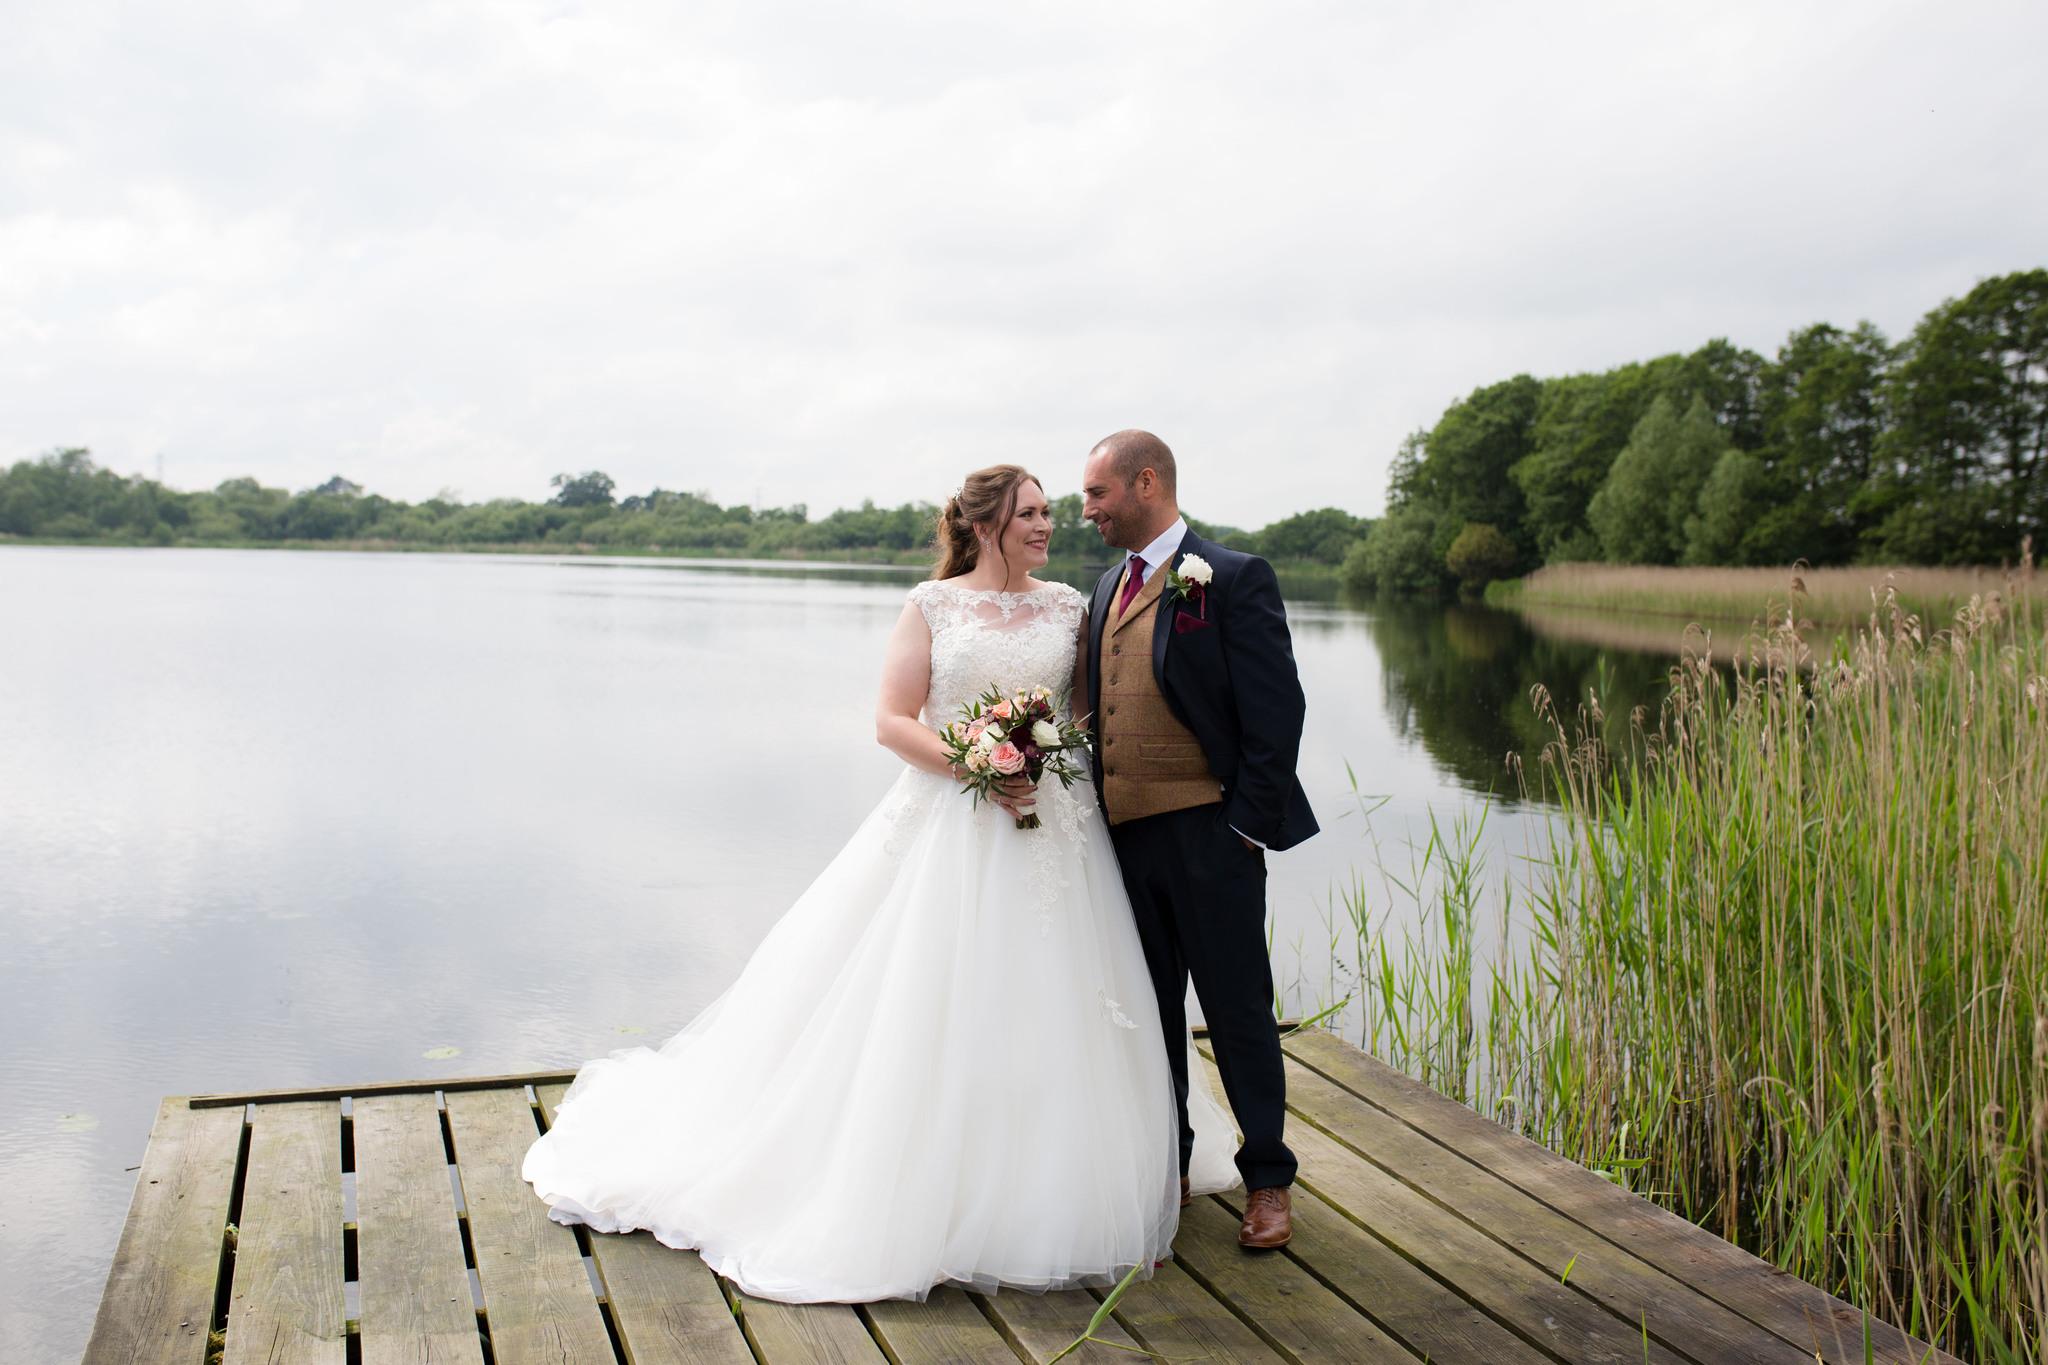 Shropshire wedding photography Shrewsbury waterside wedding on a jetty by Nicola Gough